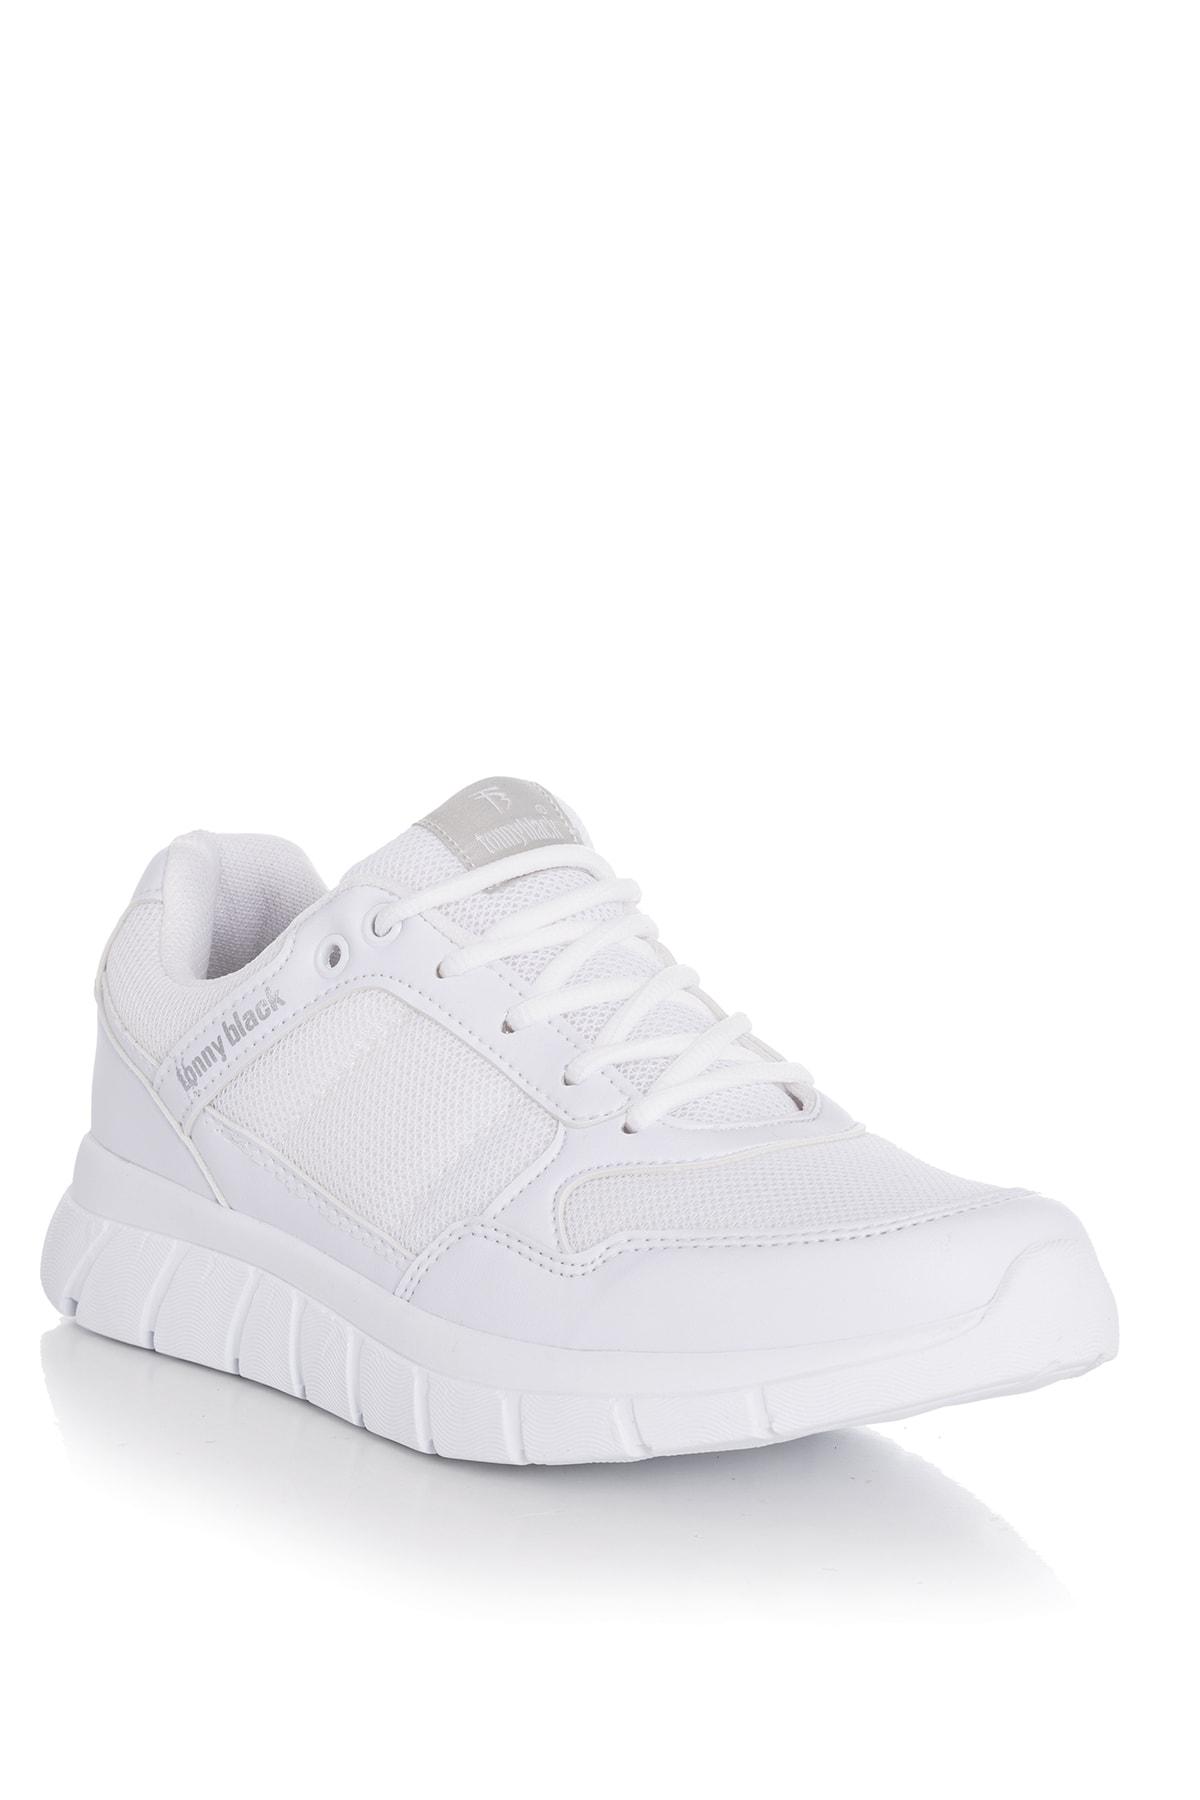 Tonny Black Beyaz Kadın Sneaker 771-0